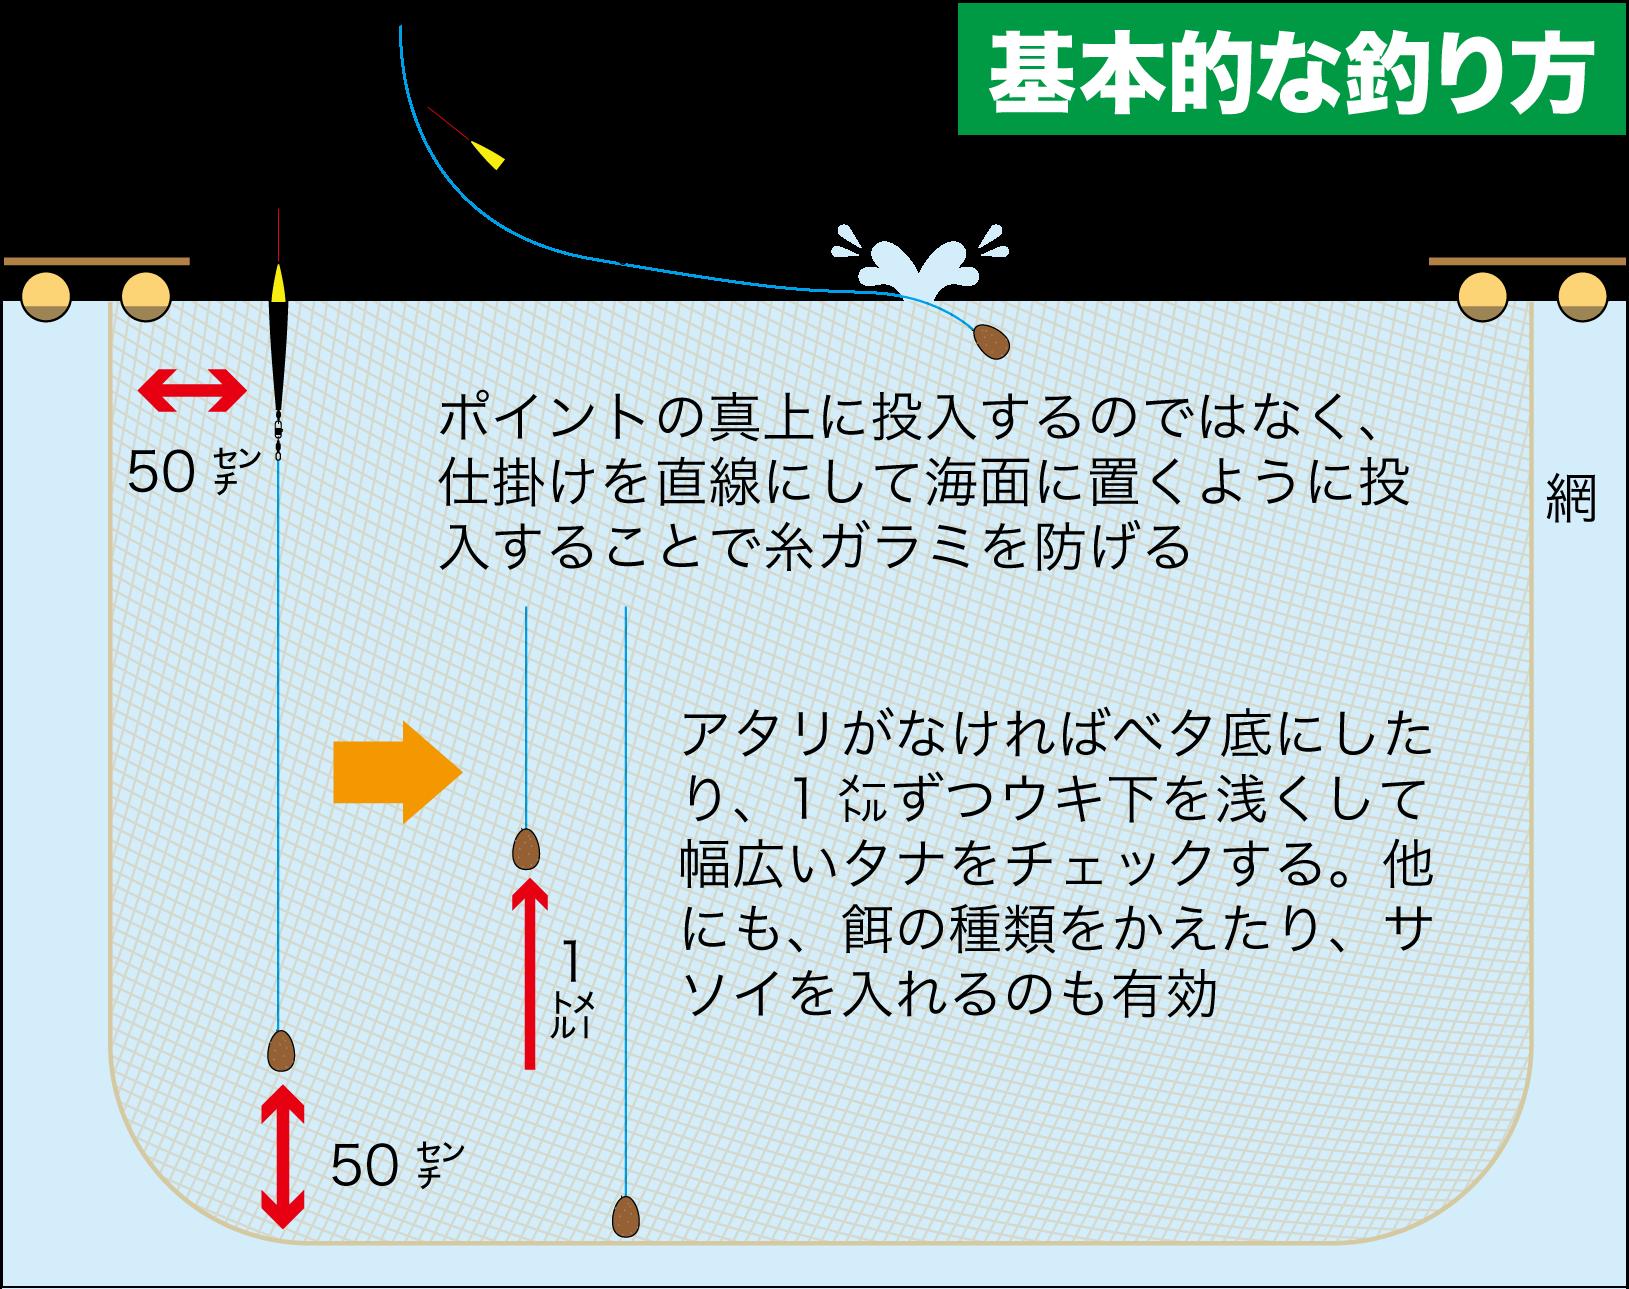 海上釣り堀・岬9